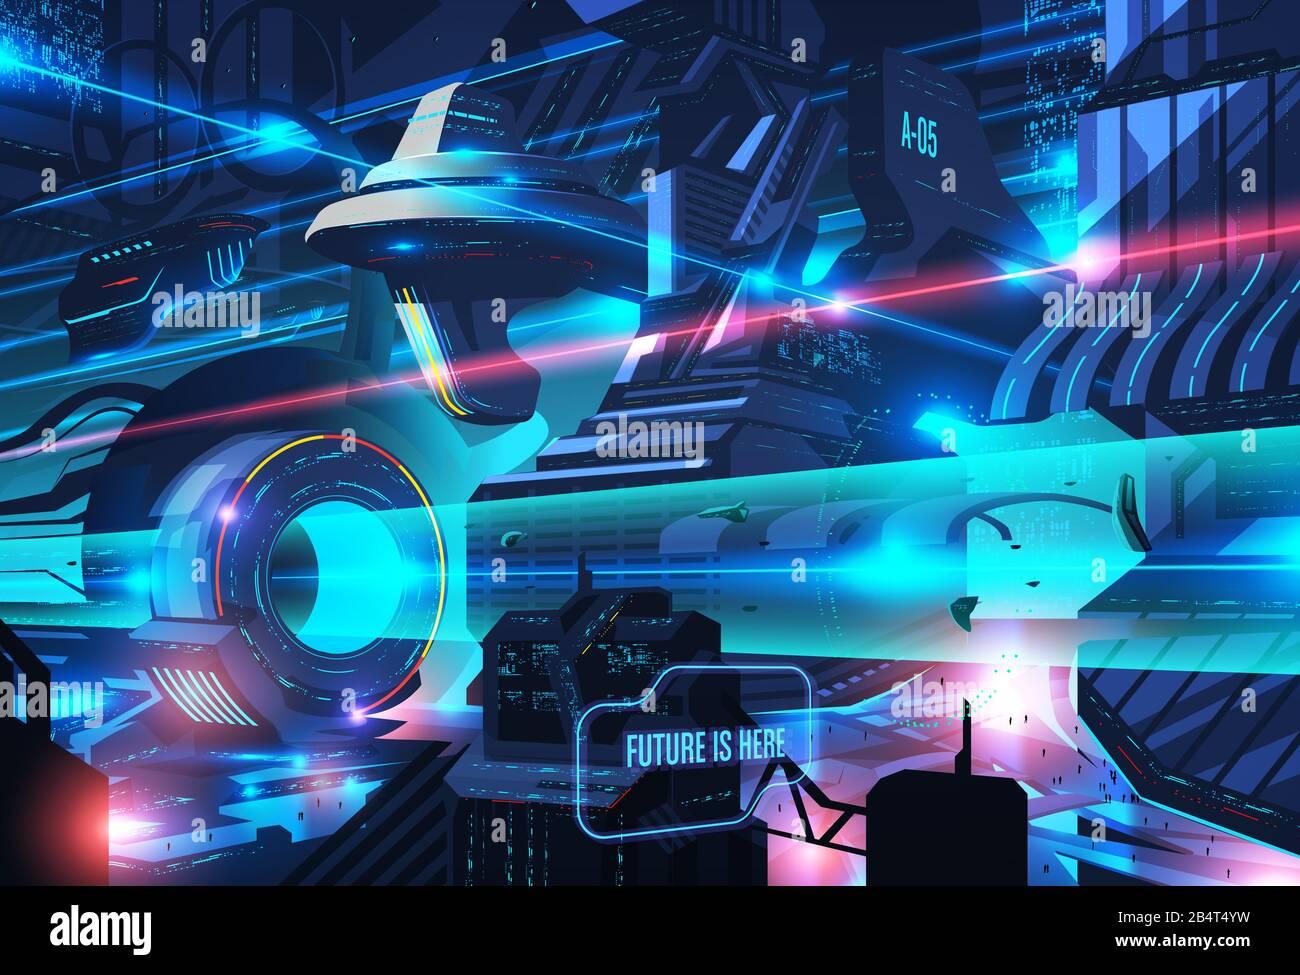 Una ilustración imaginativa de una ciudad futurista en arte vectorial Ilustración del Vector